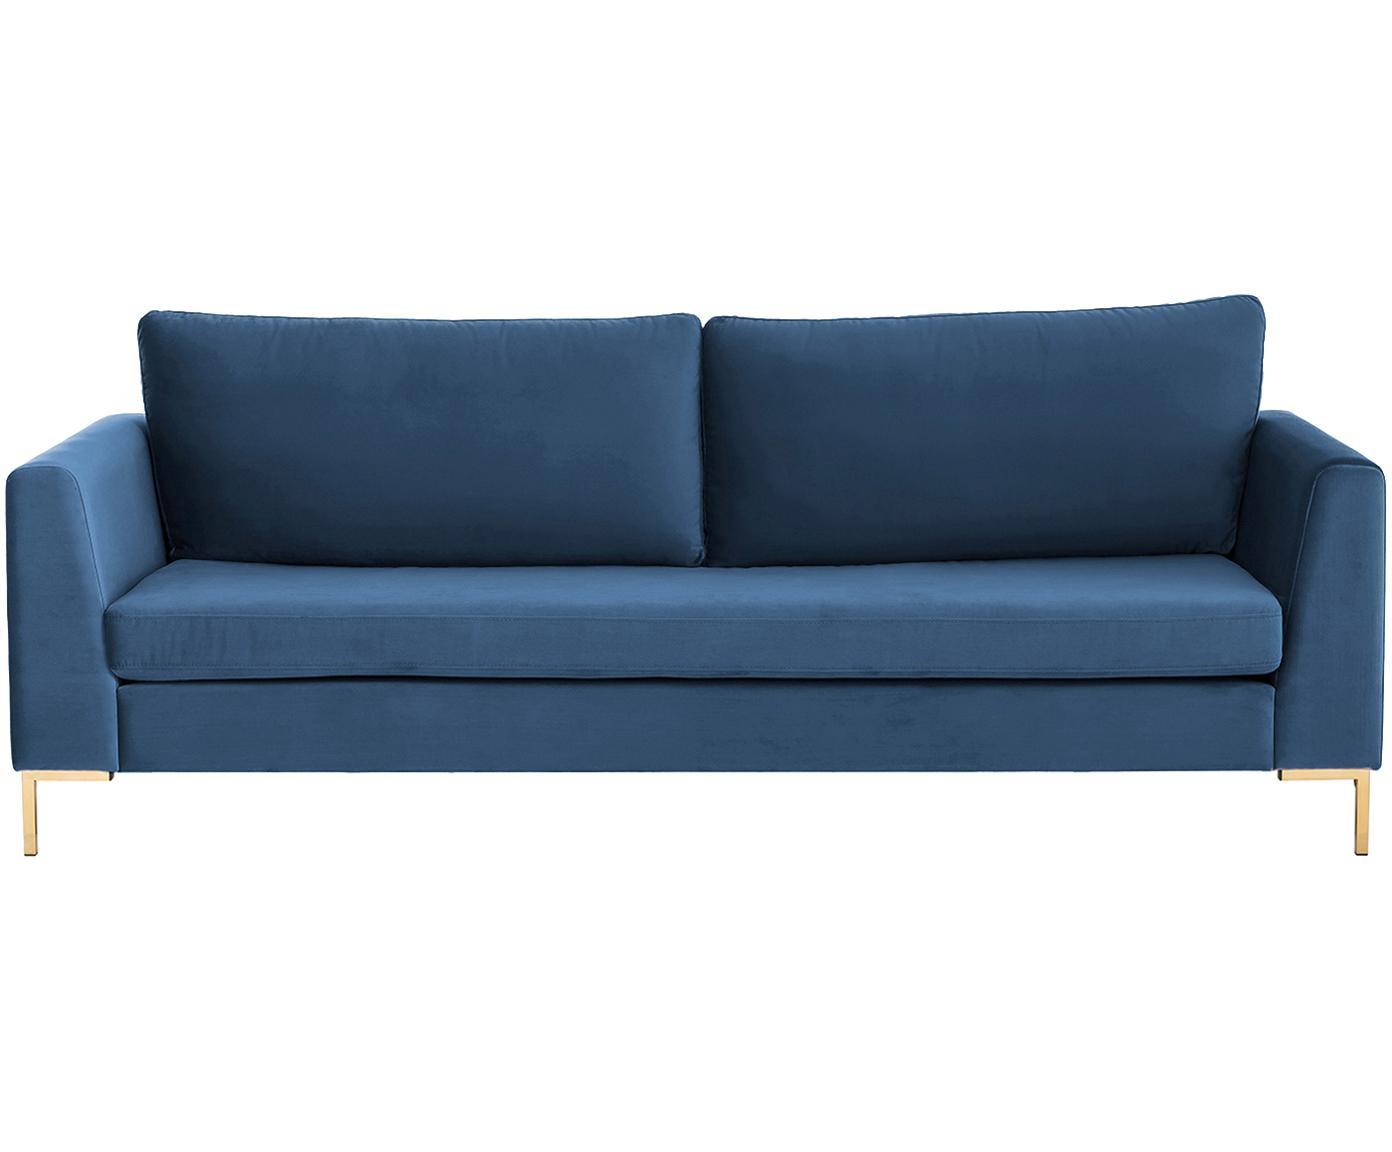 Fluwelen bank Luna (3-zits), Bekleding: fluweel (polyester), Frame: massief beukenhout, Poten: gegalvaniseerd metaal, Blauw, B 230 x D 95 cm